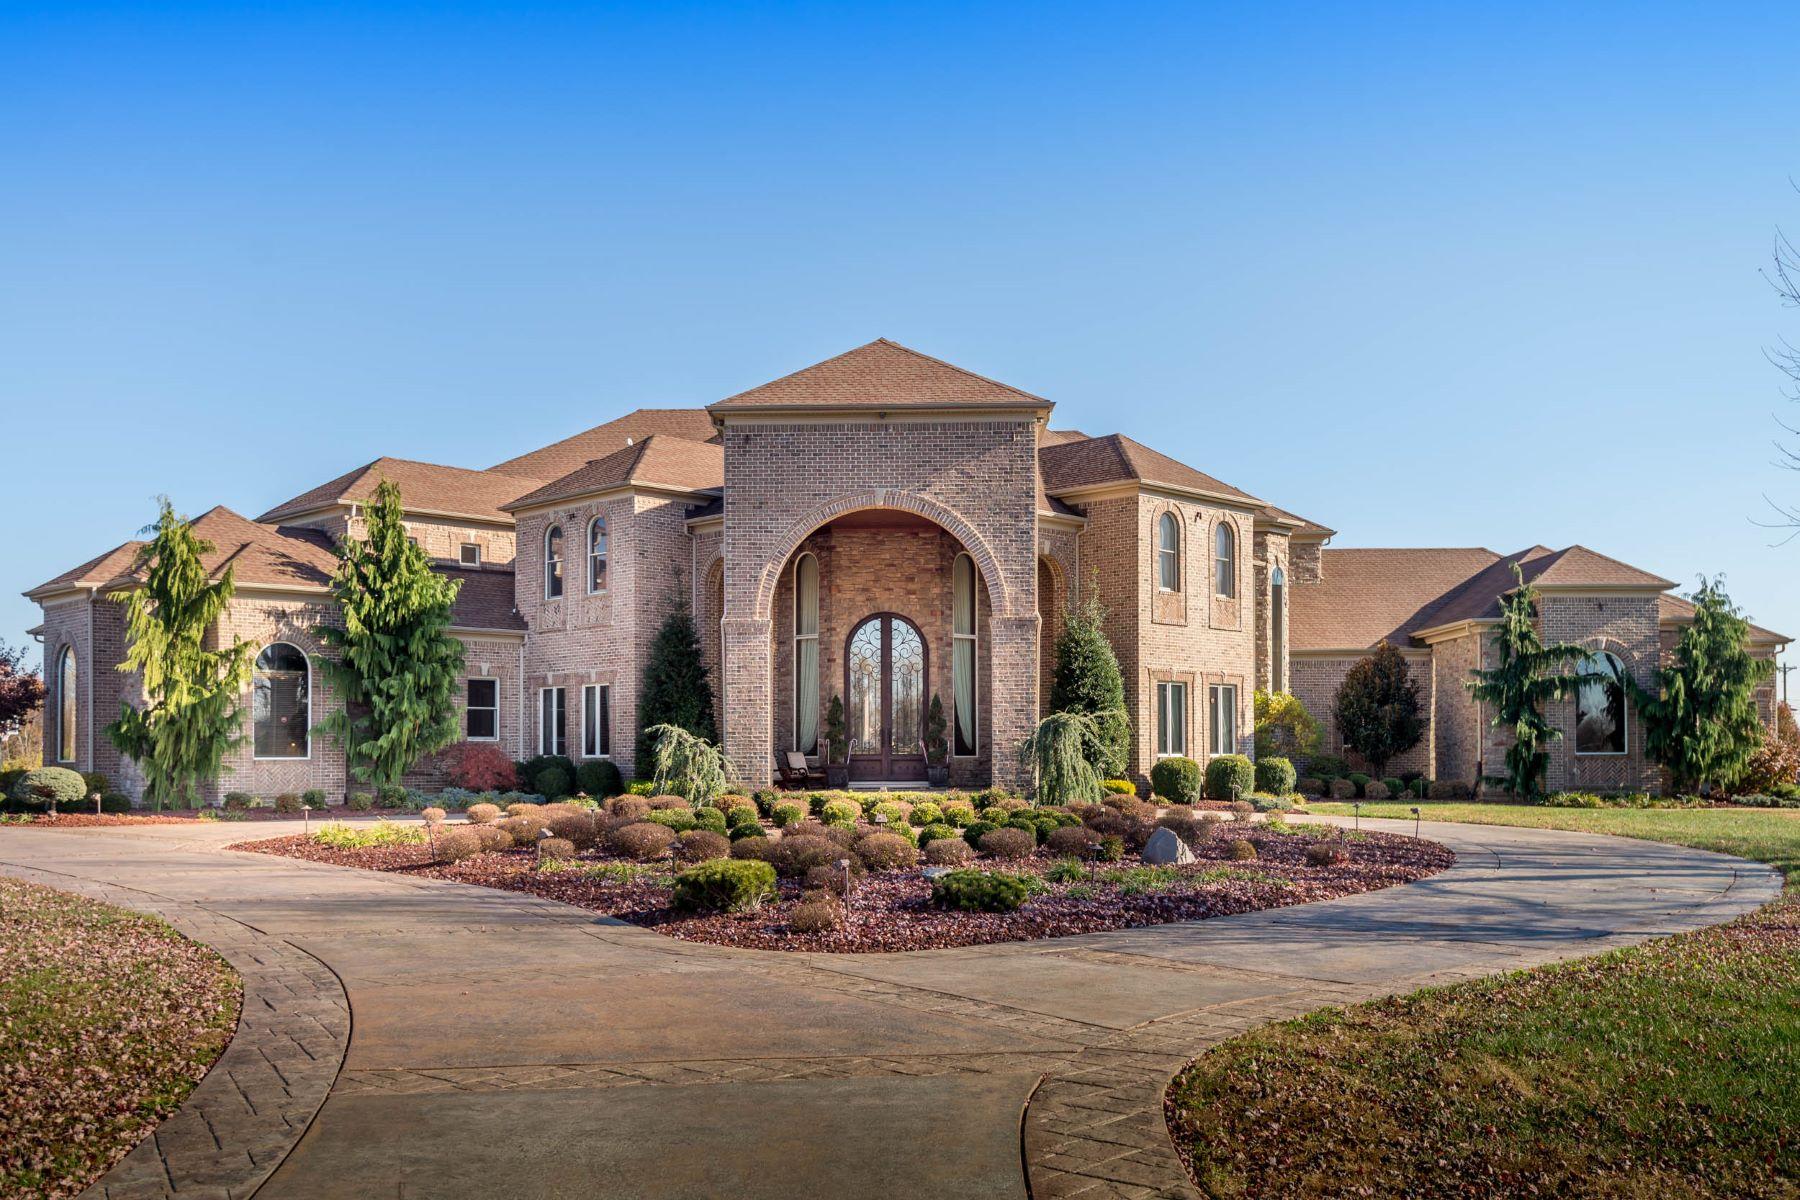 Single Family Homes pour l Vente à 100 Pearl Lane Nicholasville, Kentucky 40356 États-Unis